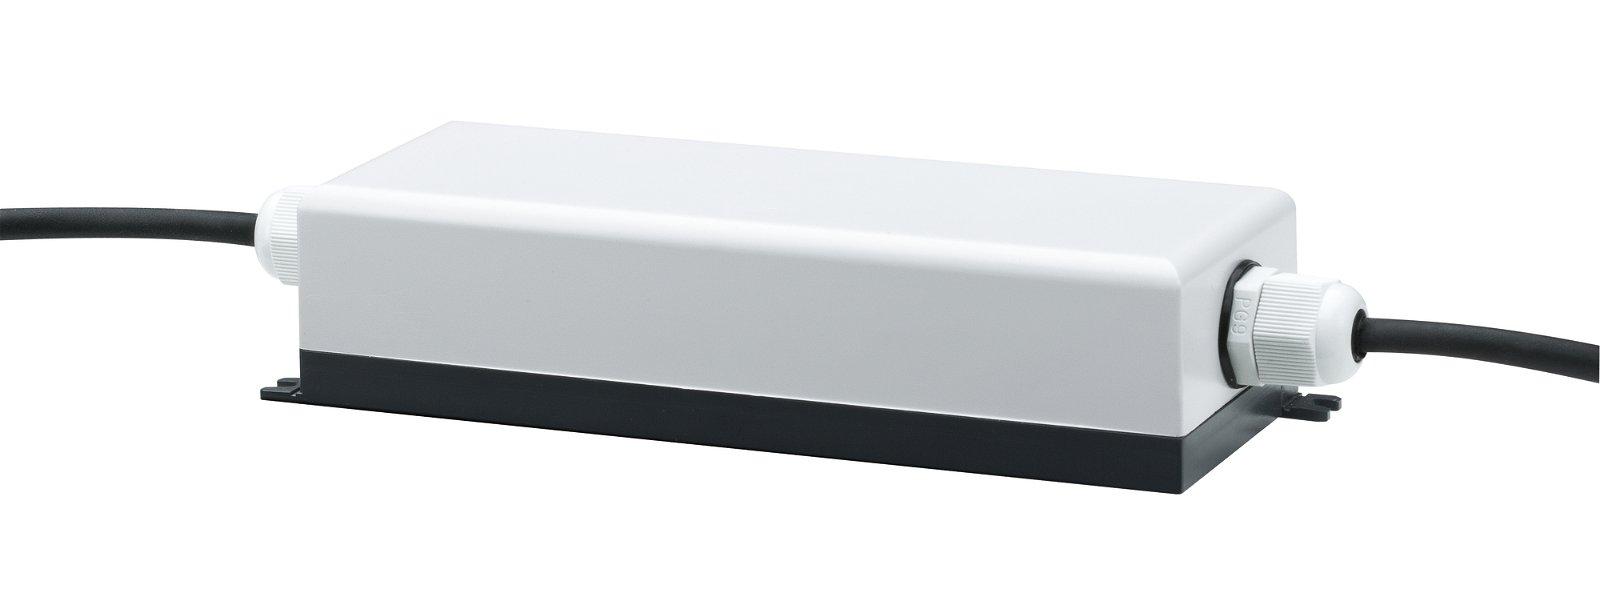 YourLED Power Supply IP65 230/12V 60VA Grau/Schwarz